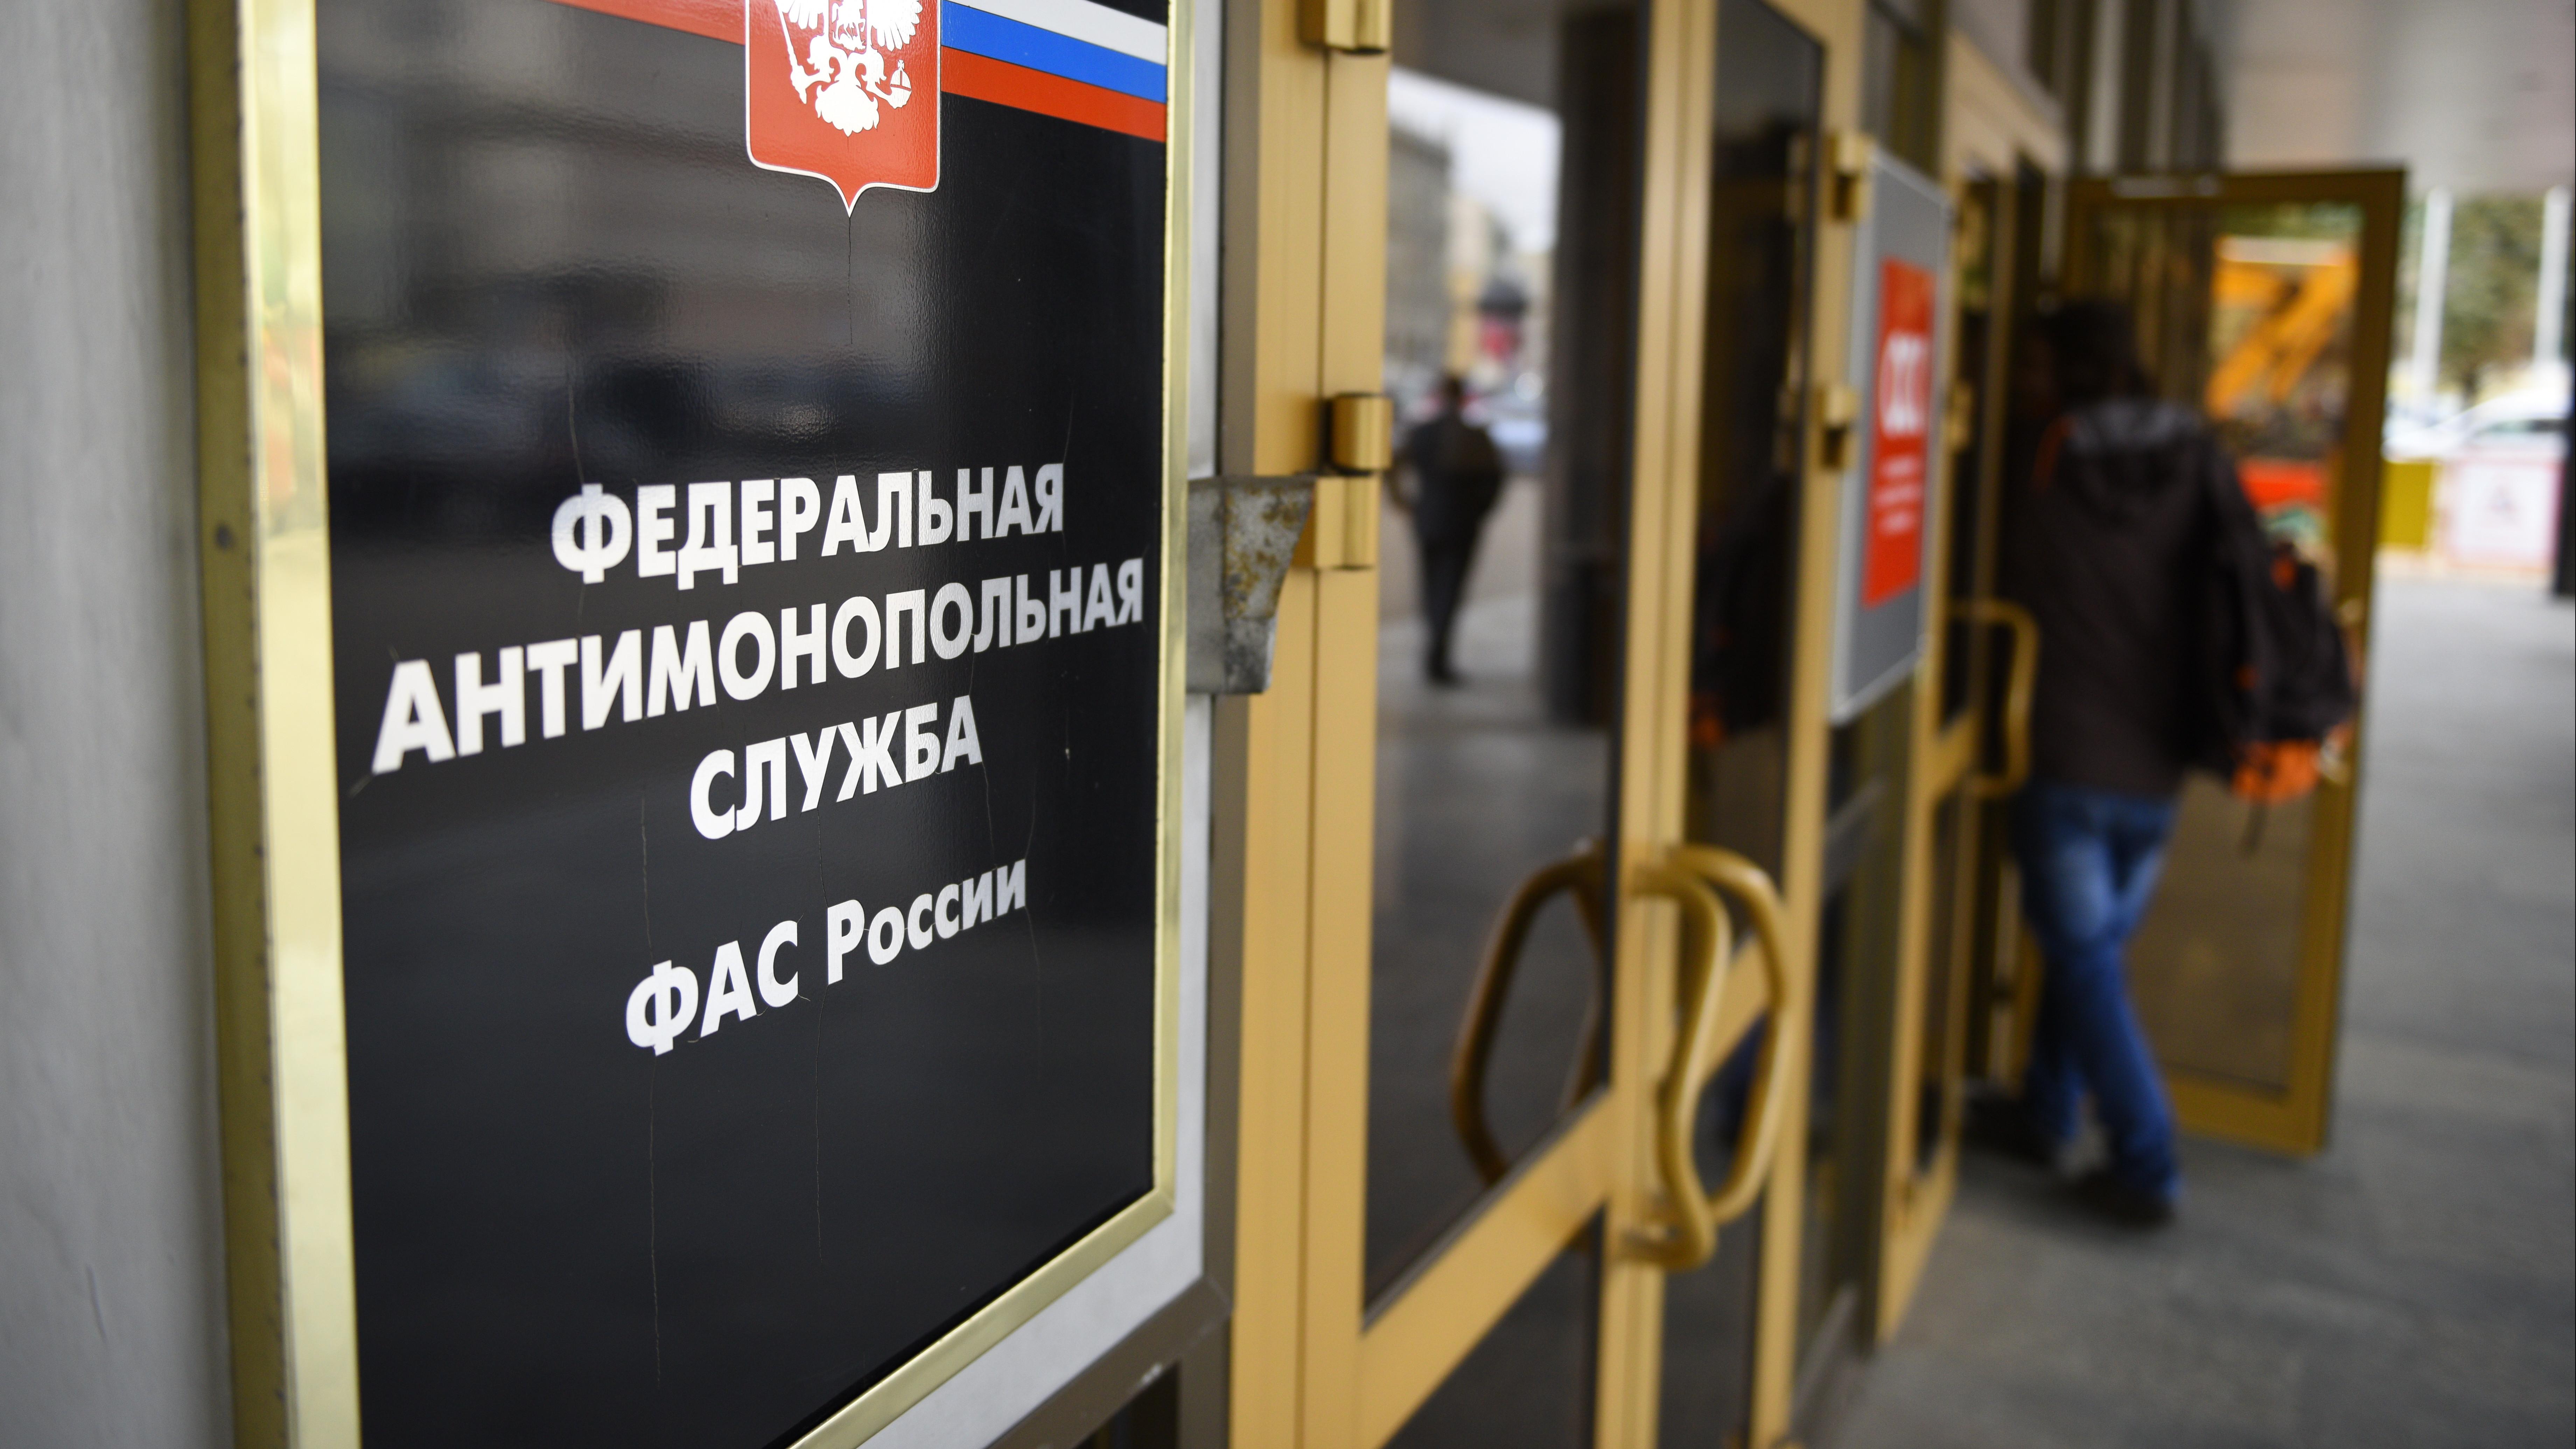 Суд поддержал решение УФАС о внесении ООО «Проектинжгео» в реестр недобросовестных поставщиков